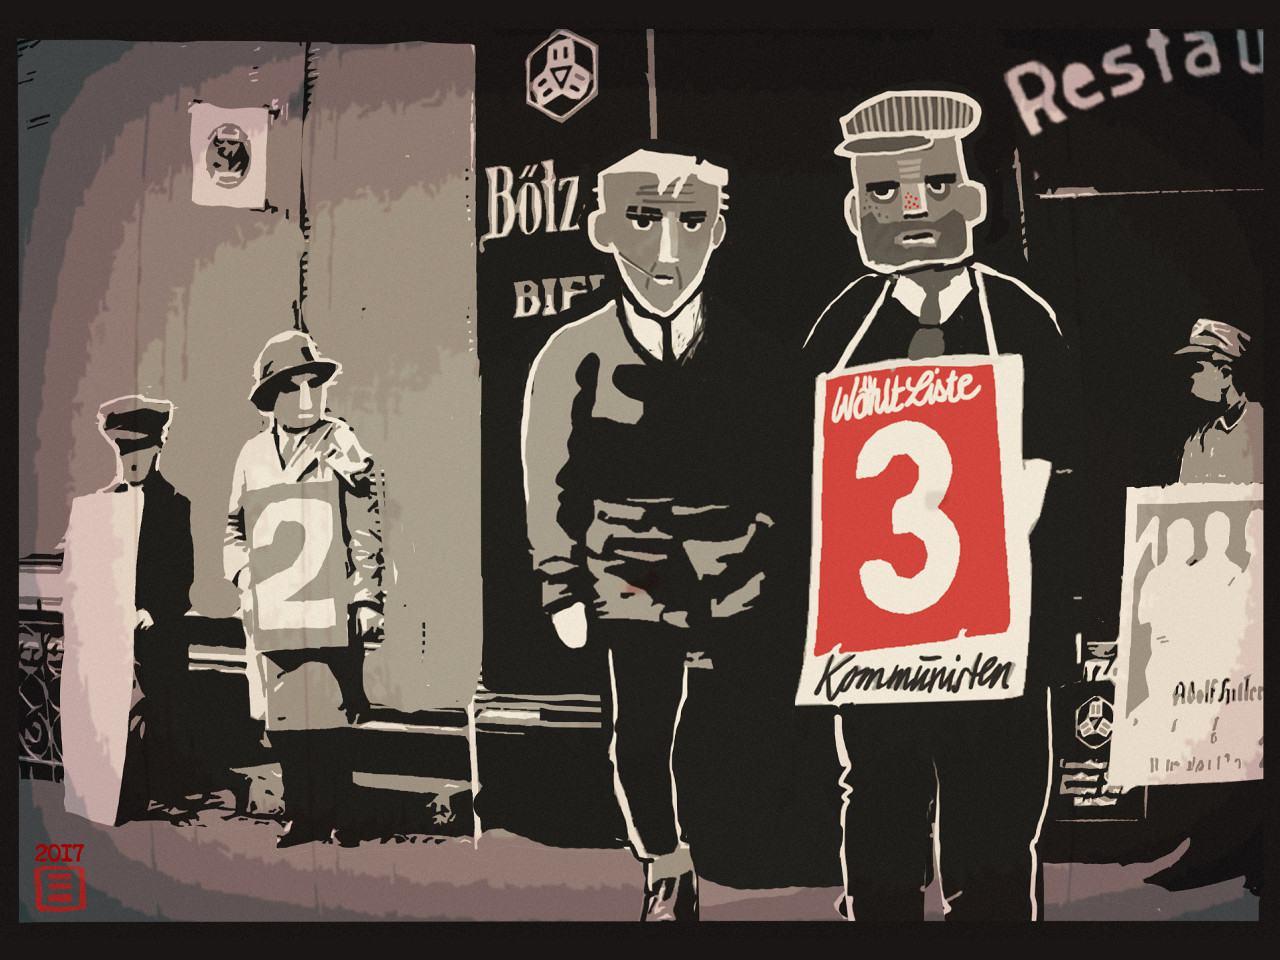 Through the Darkest of Times: Widerstand gegen den Nationalsozialismus als Spiel